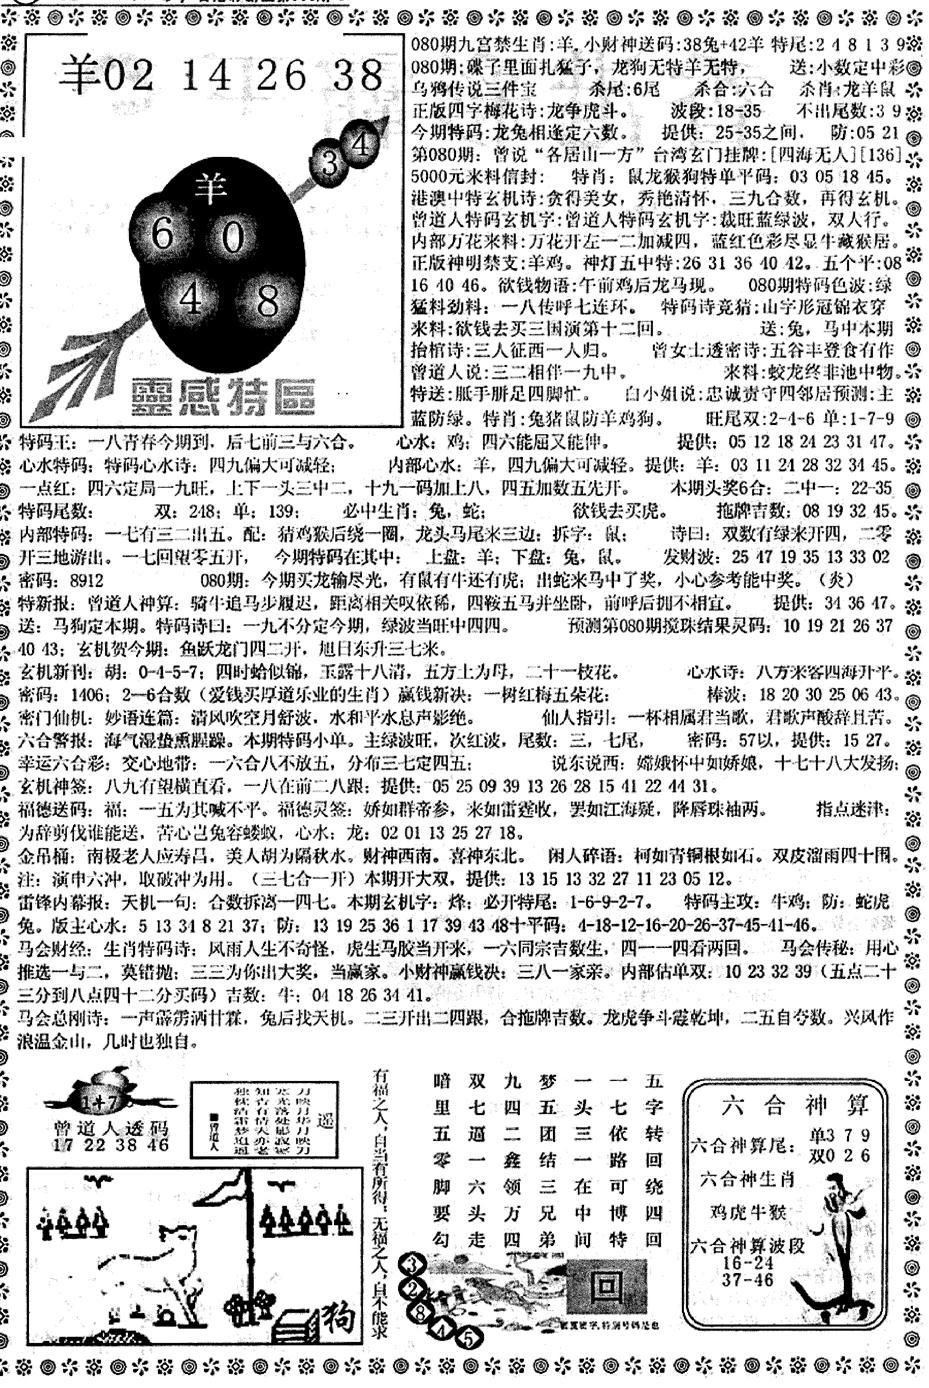 080期平西版彩霸王B(黑白)